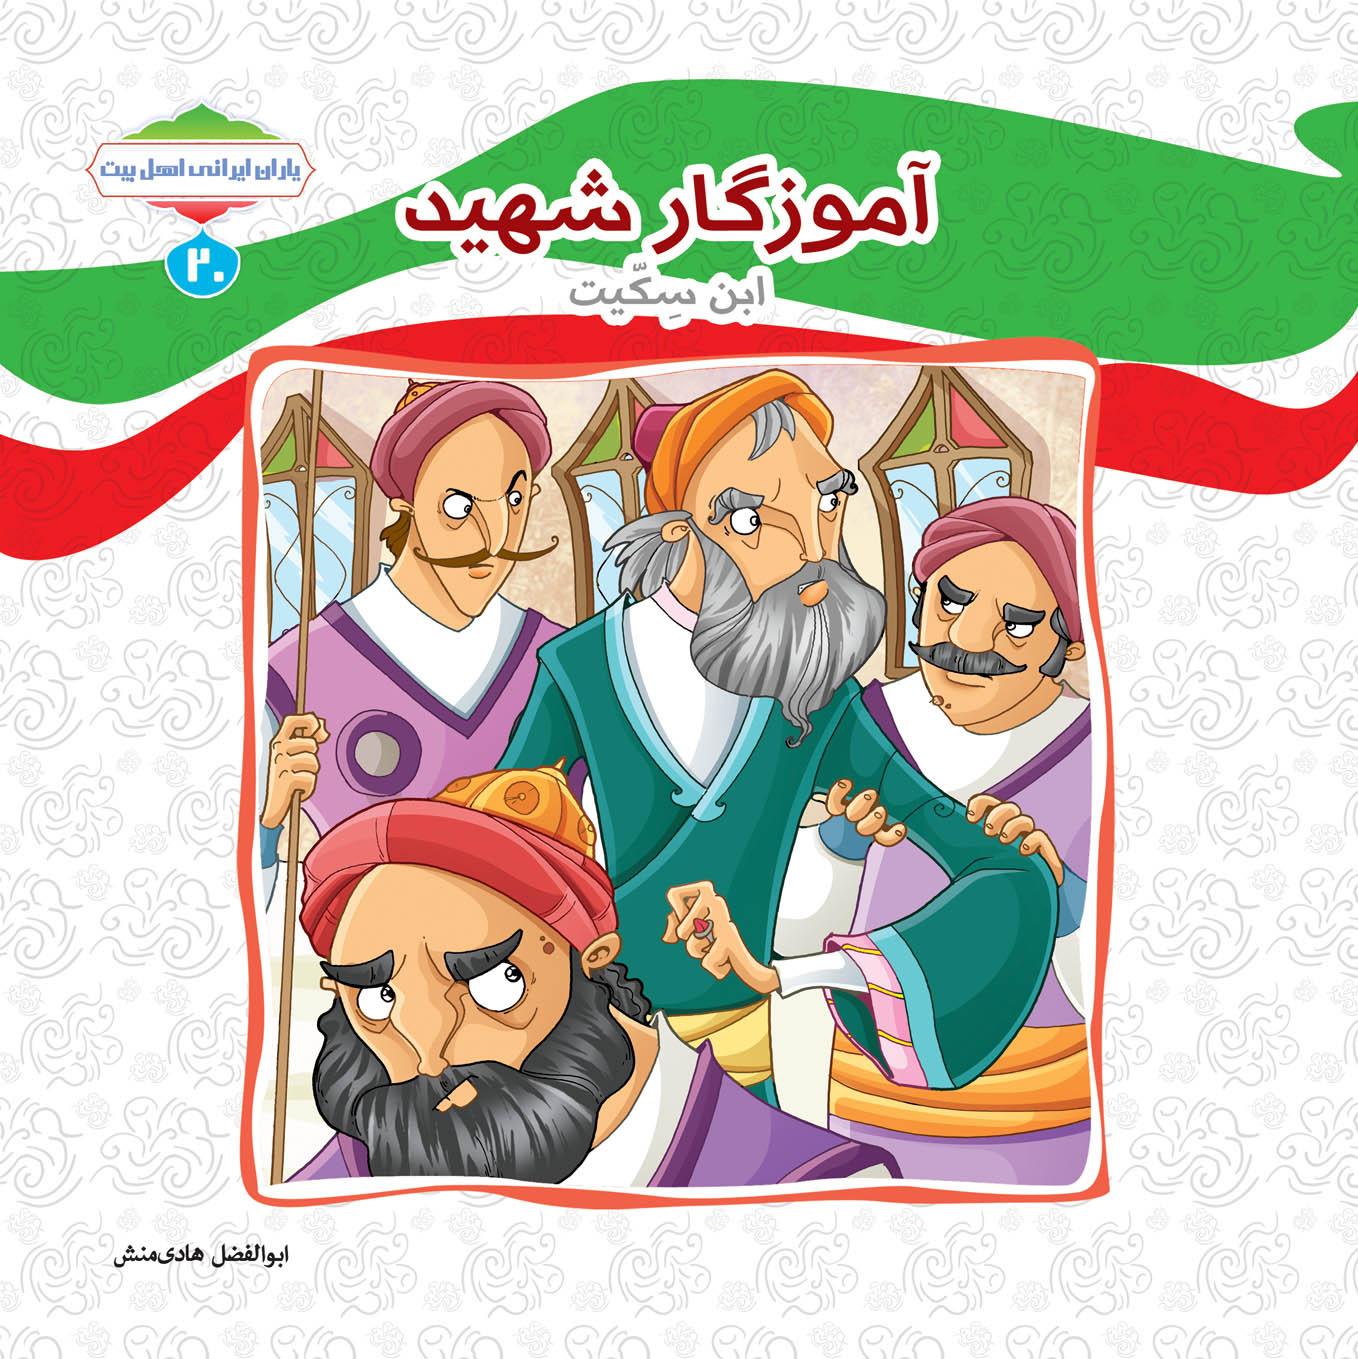 آموزگار شهید | شبکه دانی